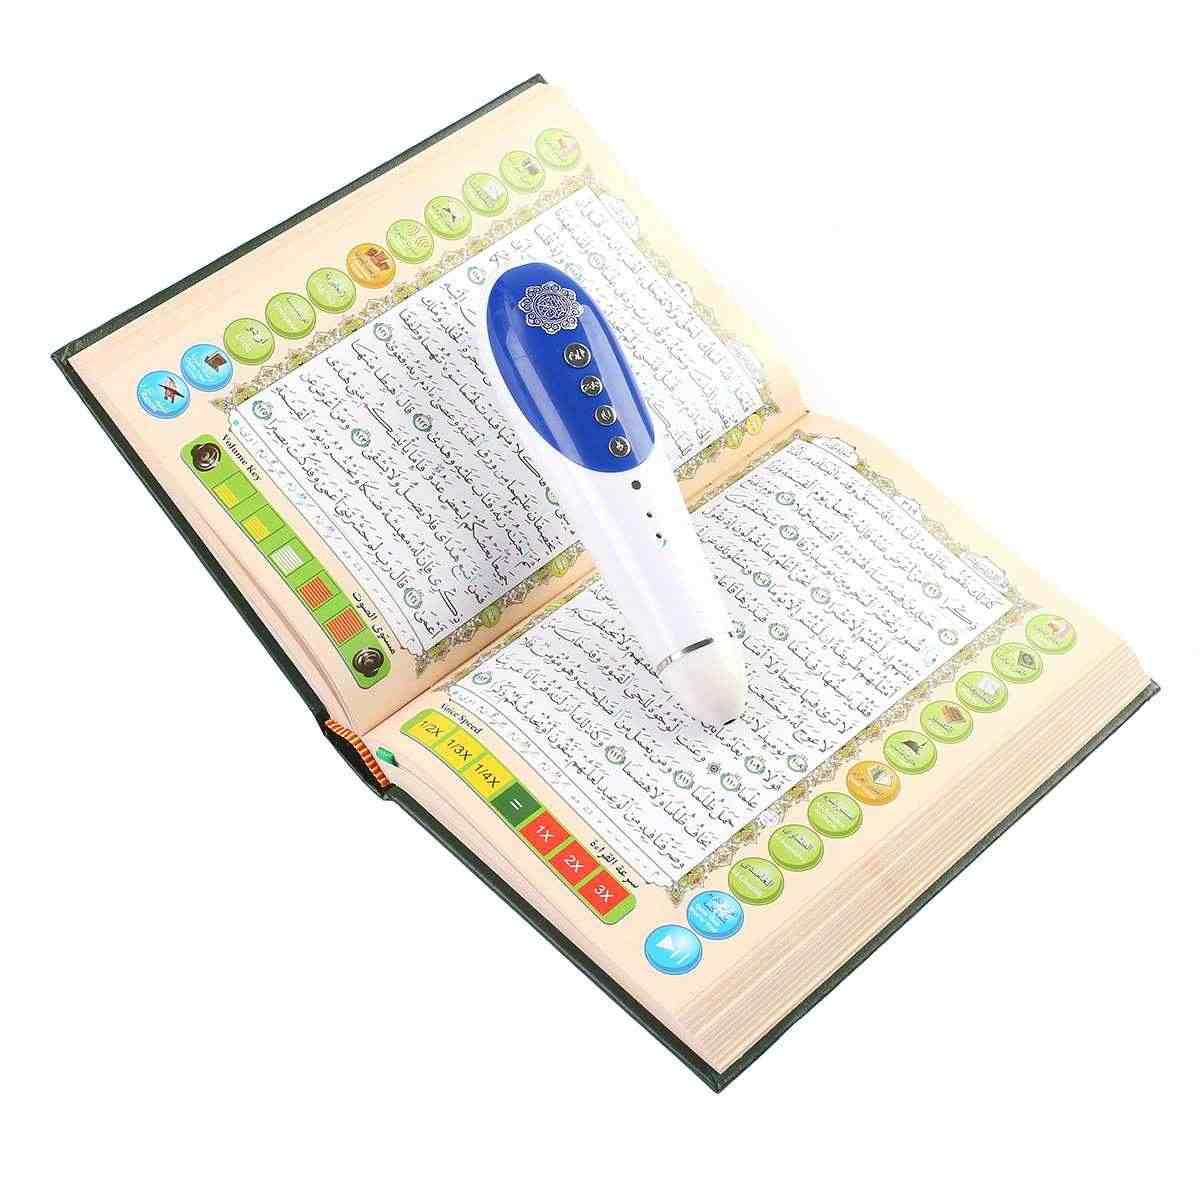 LEORY 8GB قارئ القلم القرآن الكريم الرقمي 23 لغات الرقمية رمضان قارئ القرآن الكريم القلم المتكلم قراءة FM MP3 TF مع 6 كتب